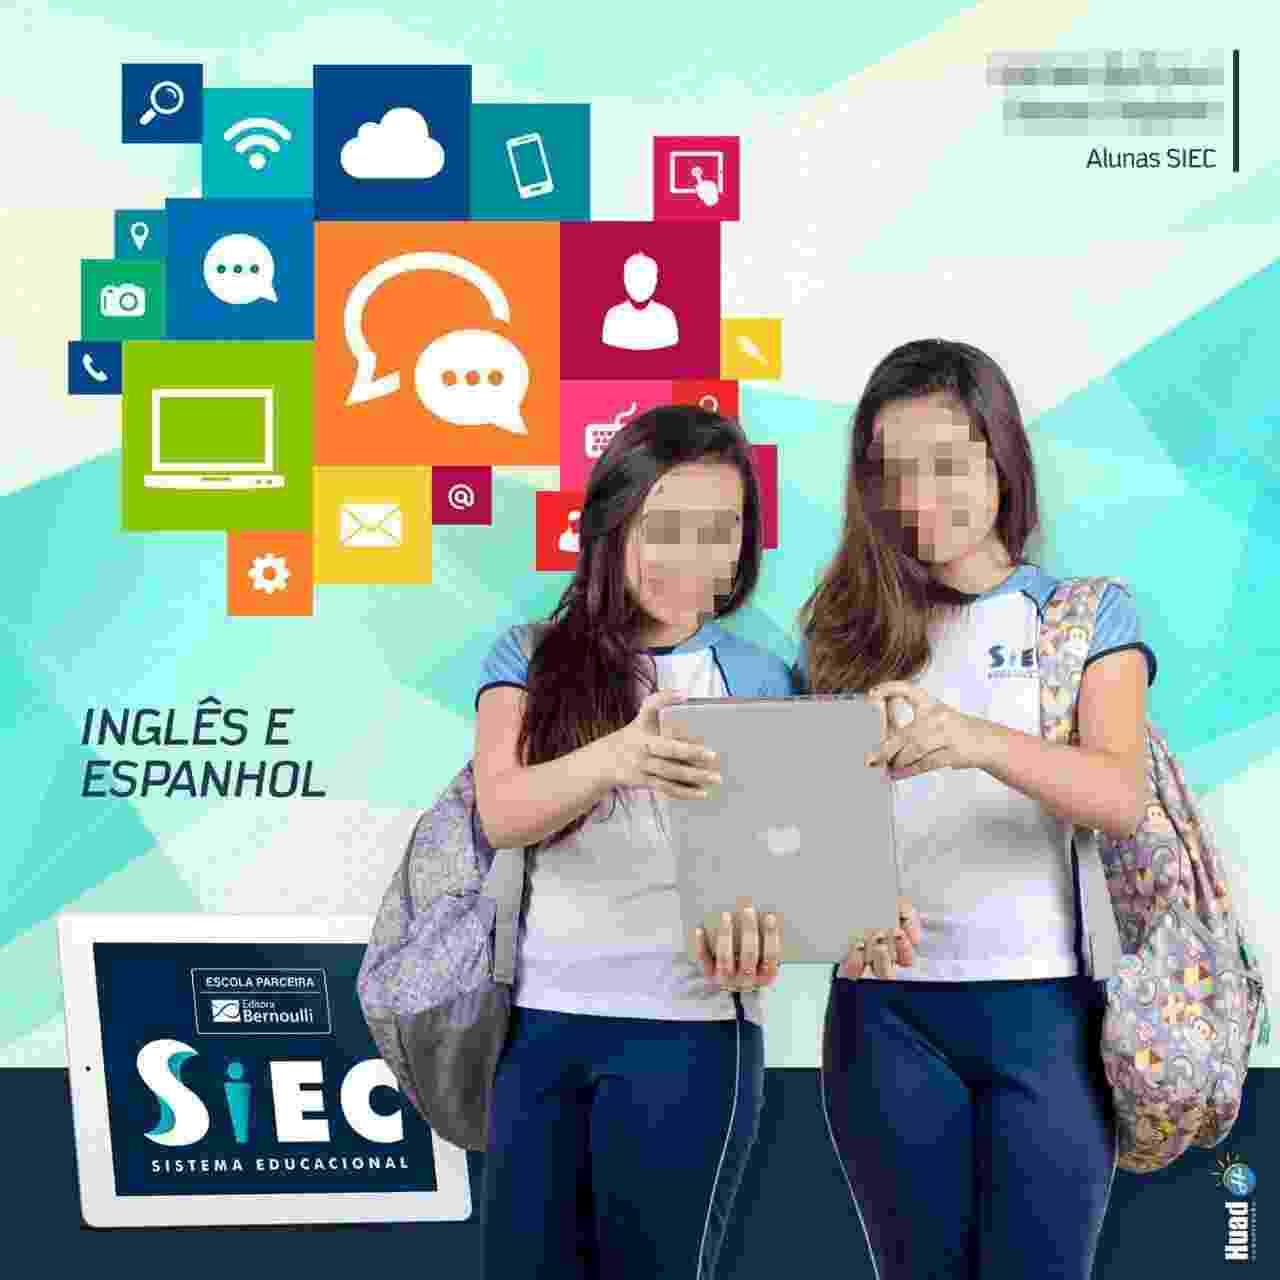 Escola Siec - Sistema Educacional, em Bocaiúva (MG), virou piada nas redes sociais depois de publicar fotos de alunos segurando notebooks como se fosse tablets - Reprodução/Facebook